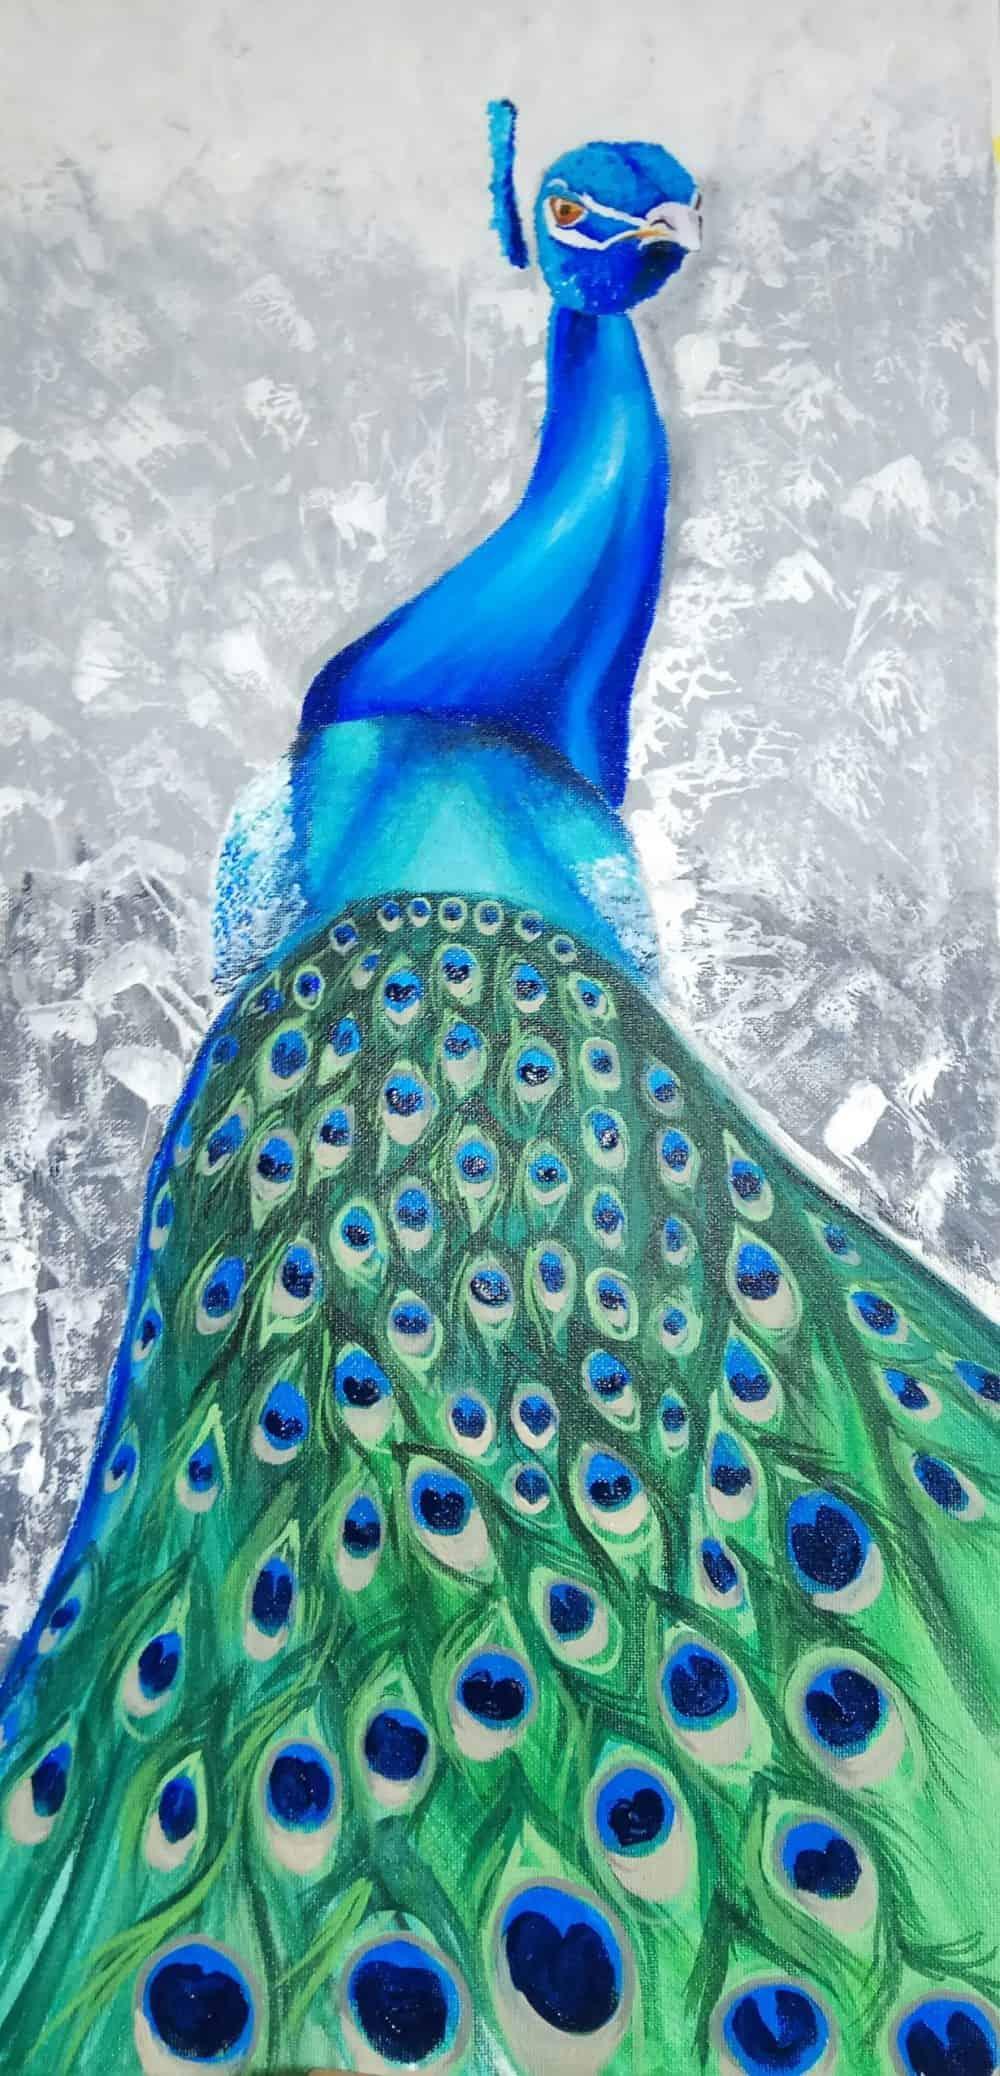 Mauritius Arts & Artists - mauritius-arts-avinash-dwarku-peacock